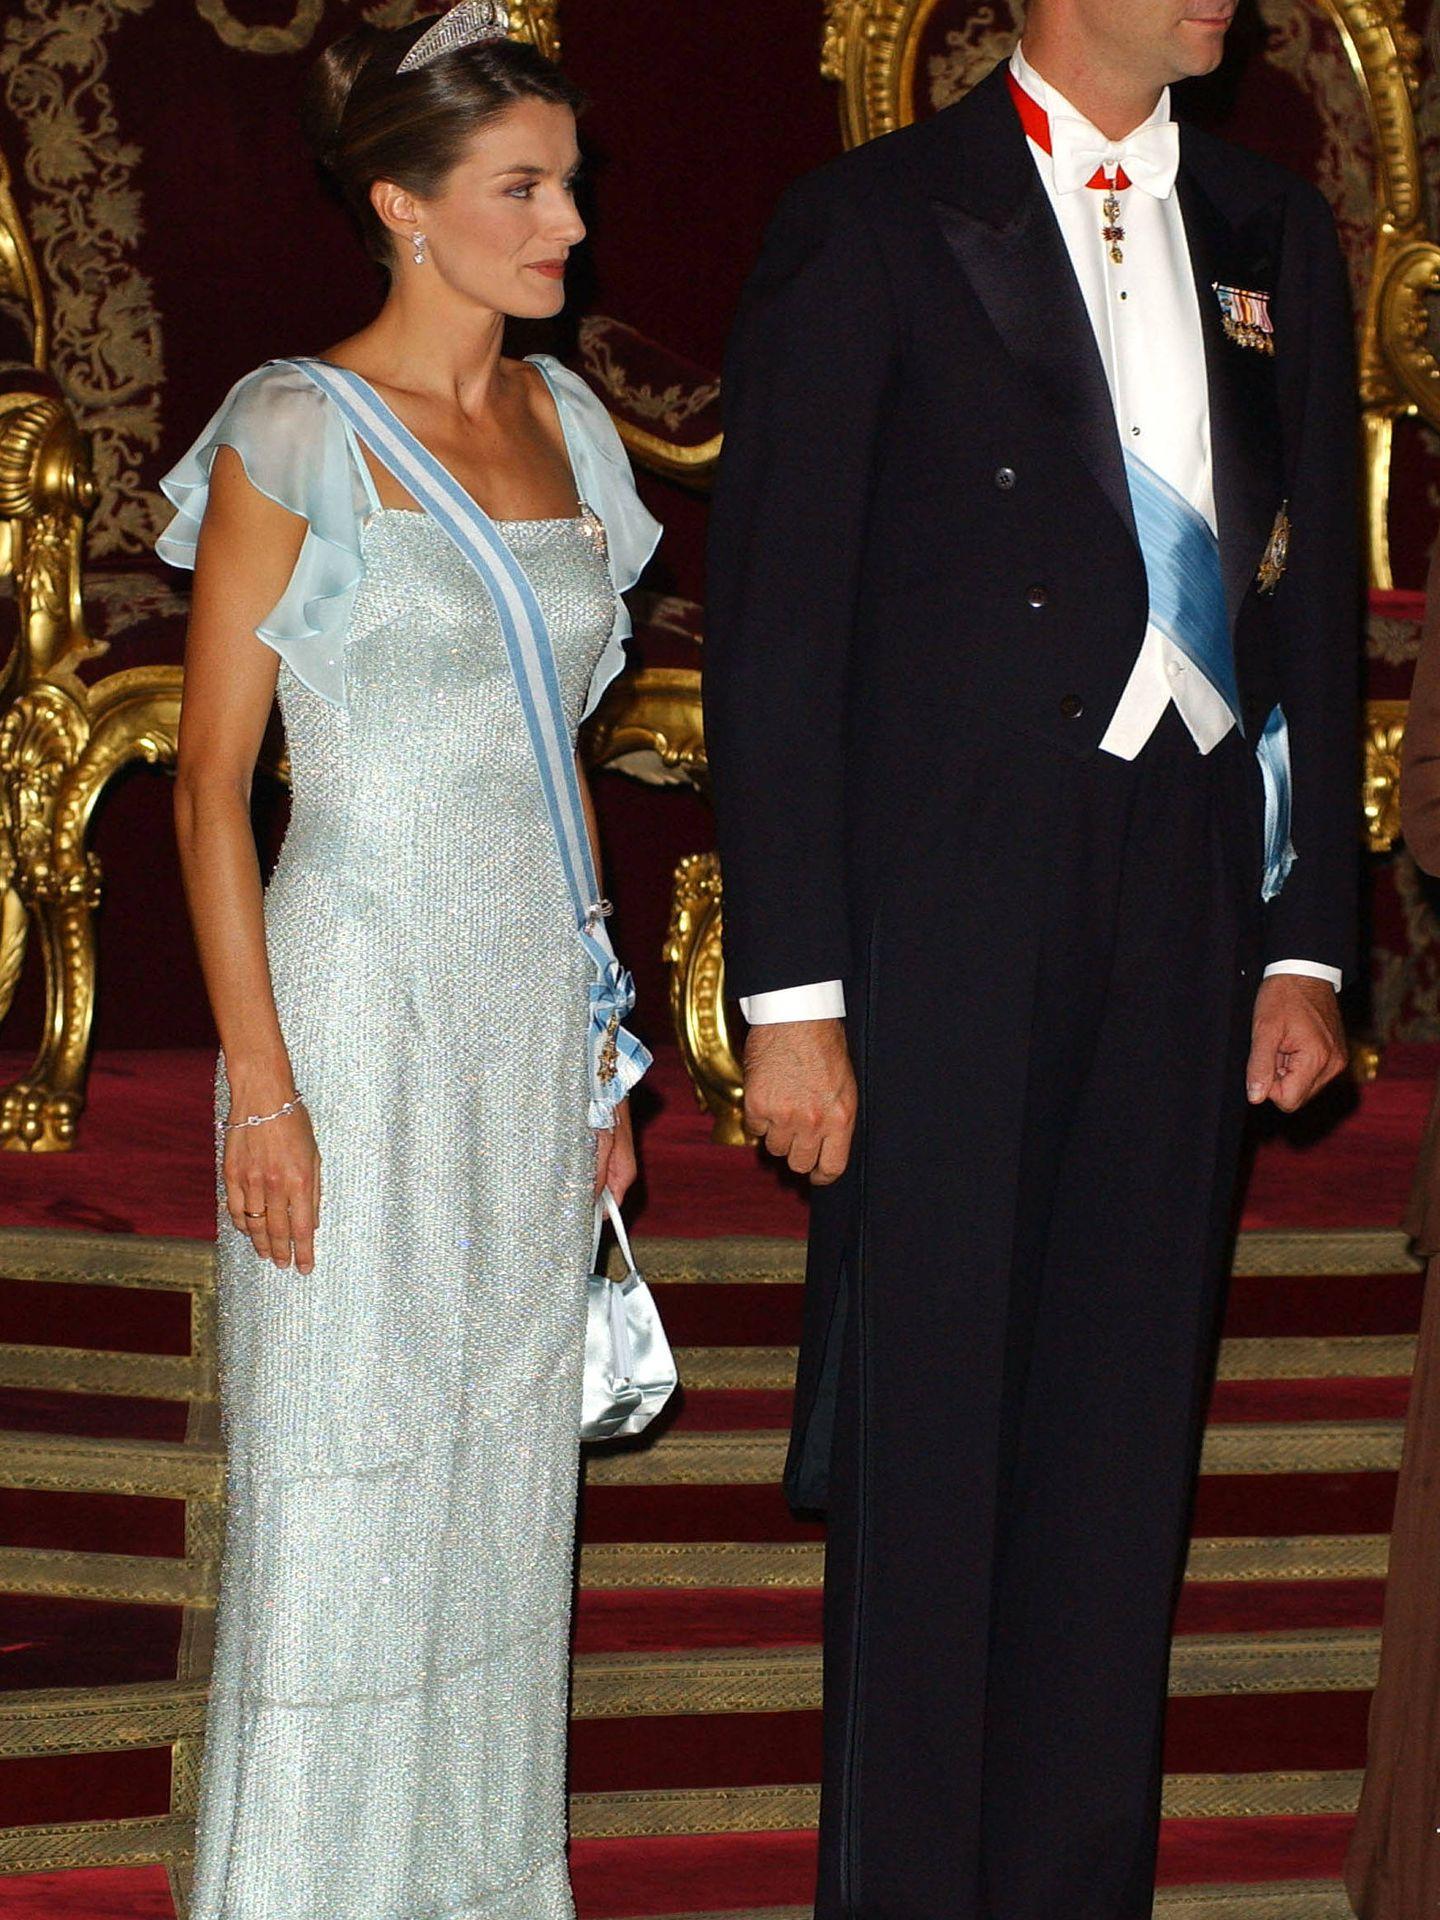 Los Reyes en una cena de gala en 2005. (Getty)